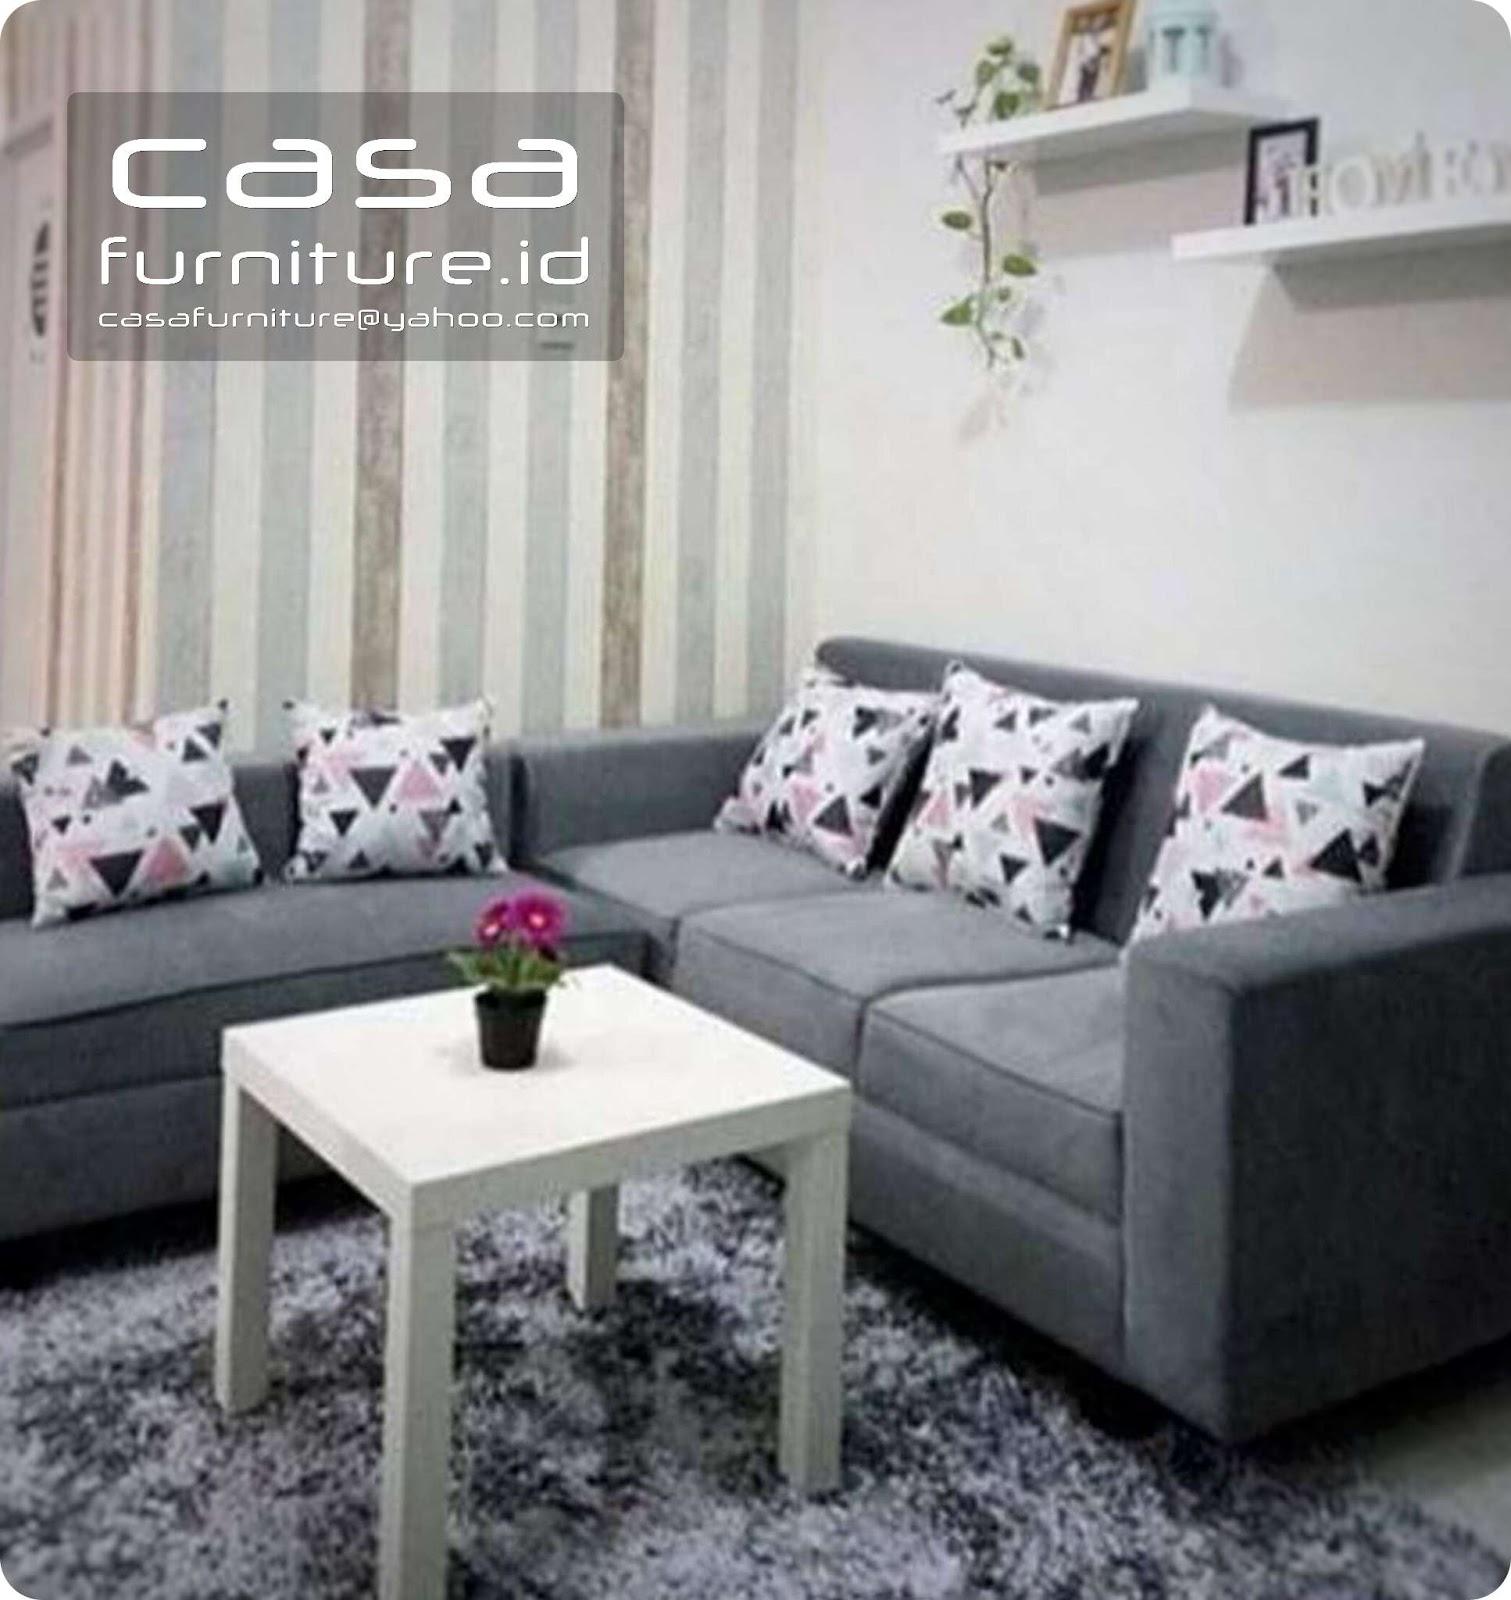 Sofa minimalis Furniture minimalis tangerang Kitchen set Lemari